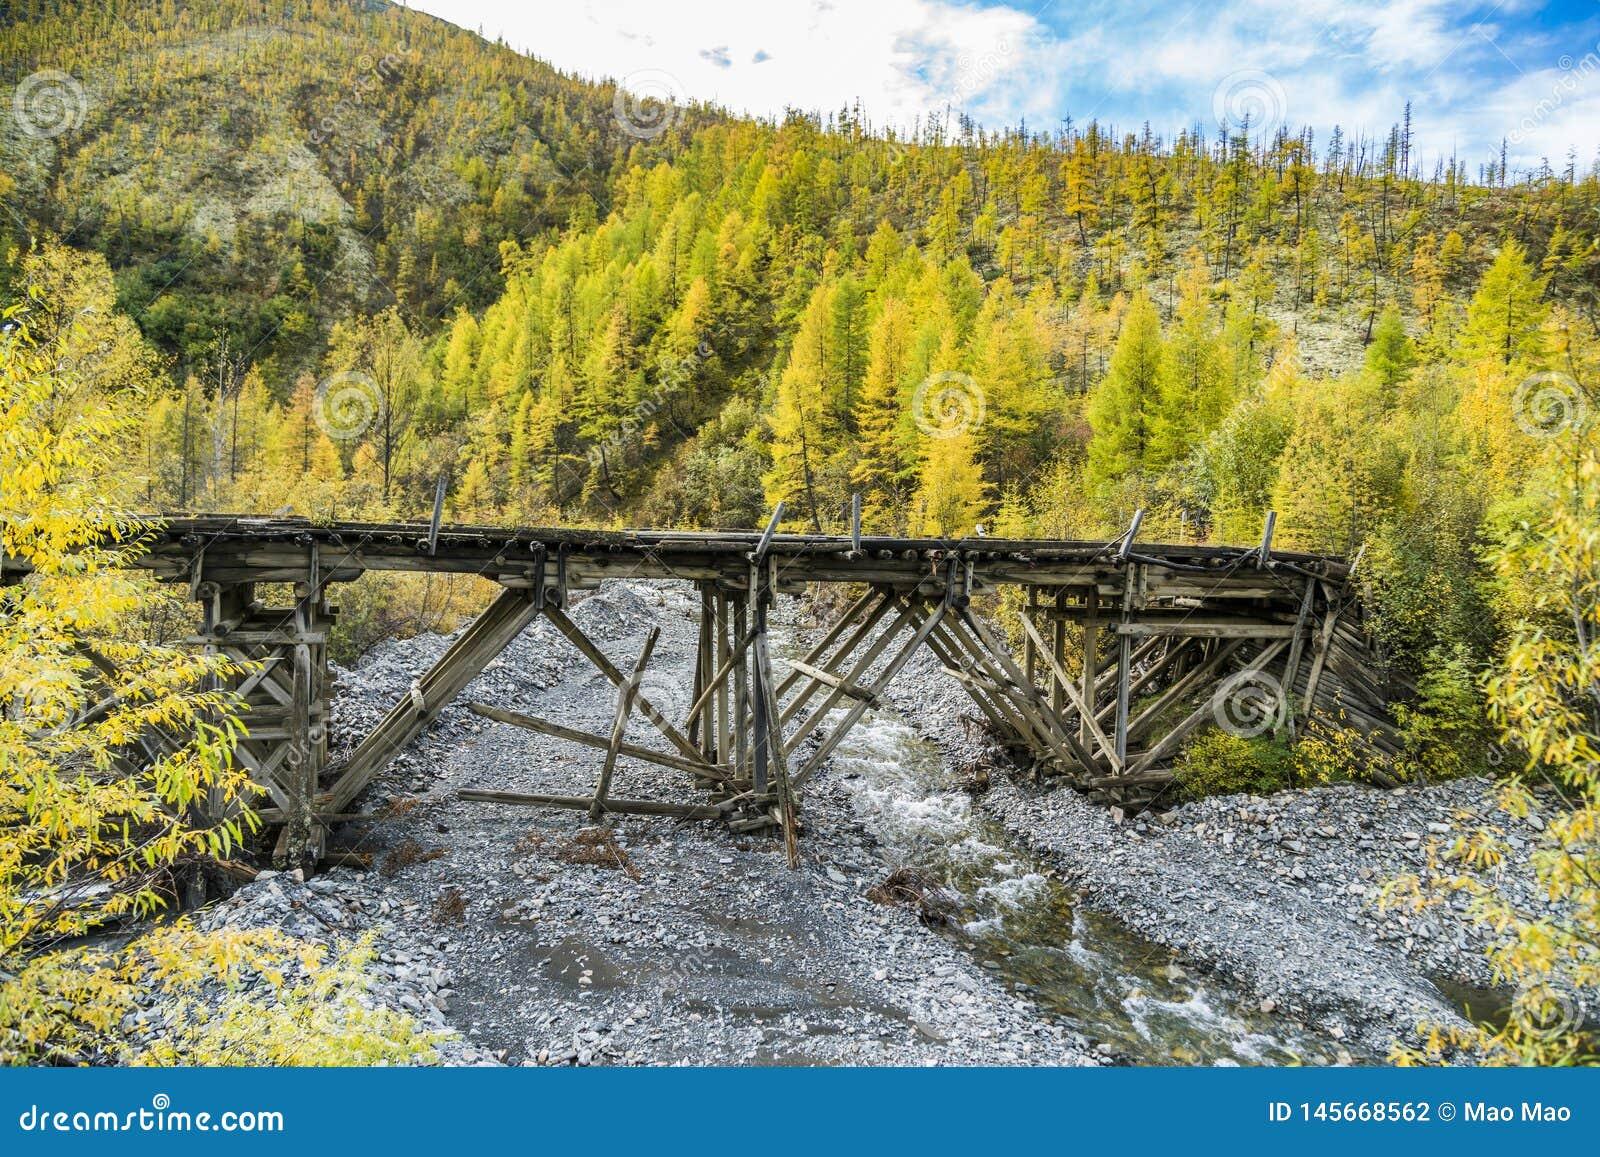 Russie Nature de l Extr?me Orient : Pont en bois sur le chemin forestier